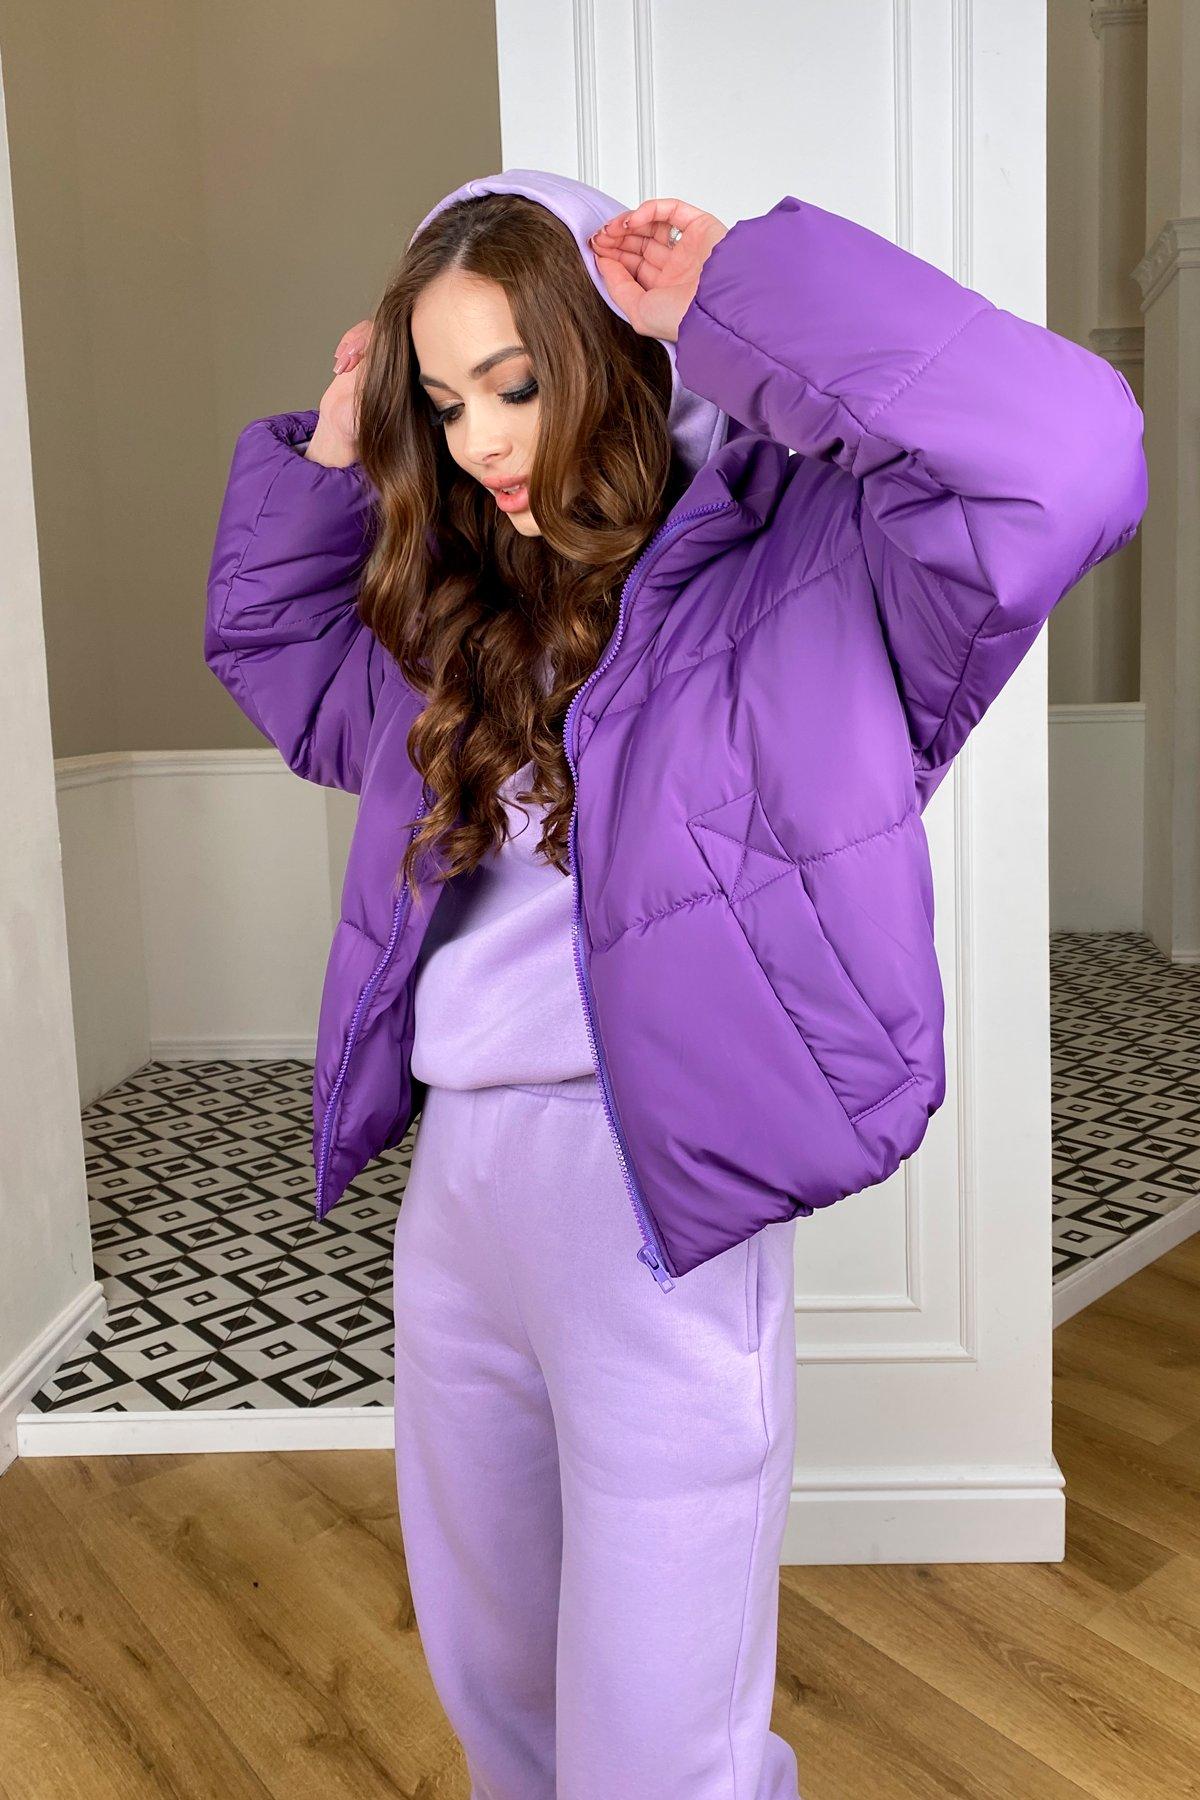 Драйв куртка из плащевой ткани 10448 АРТ. 46767 Цвет: Сиреневый 861 - фото 5, интернет магазин tm-modus.ru